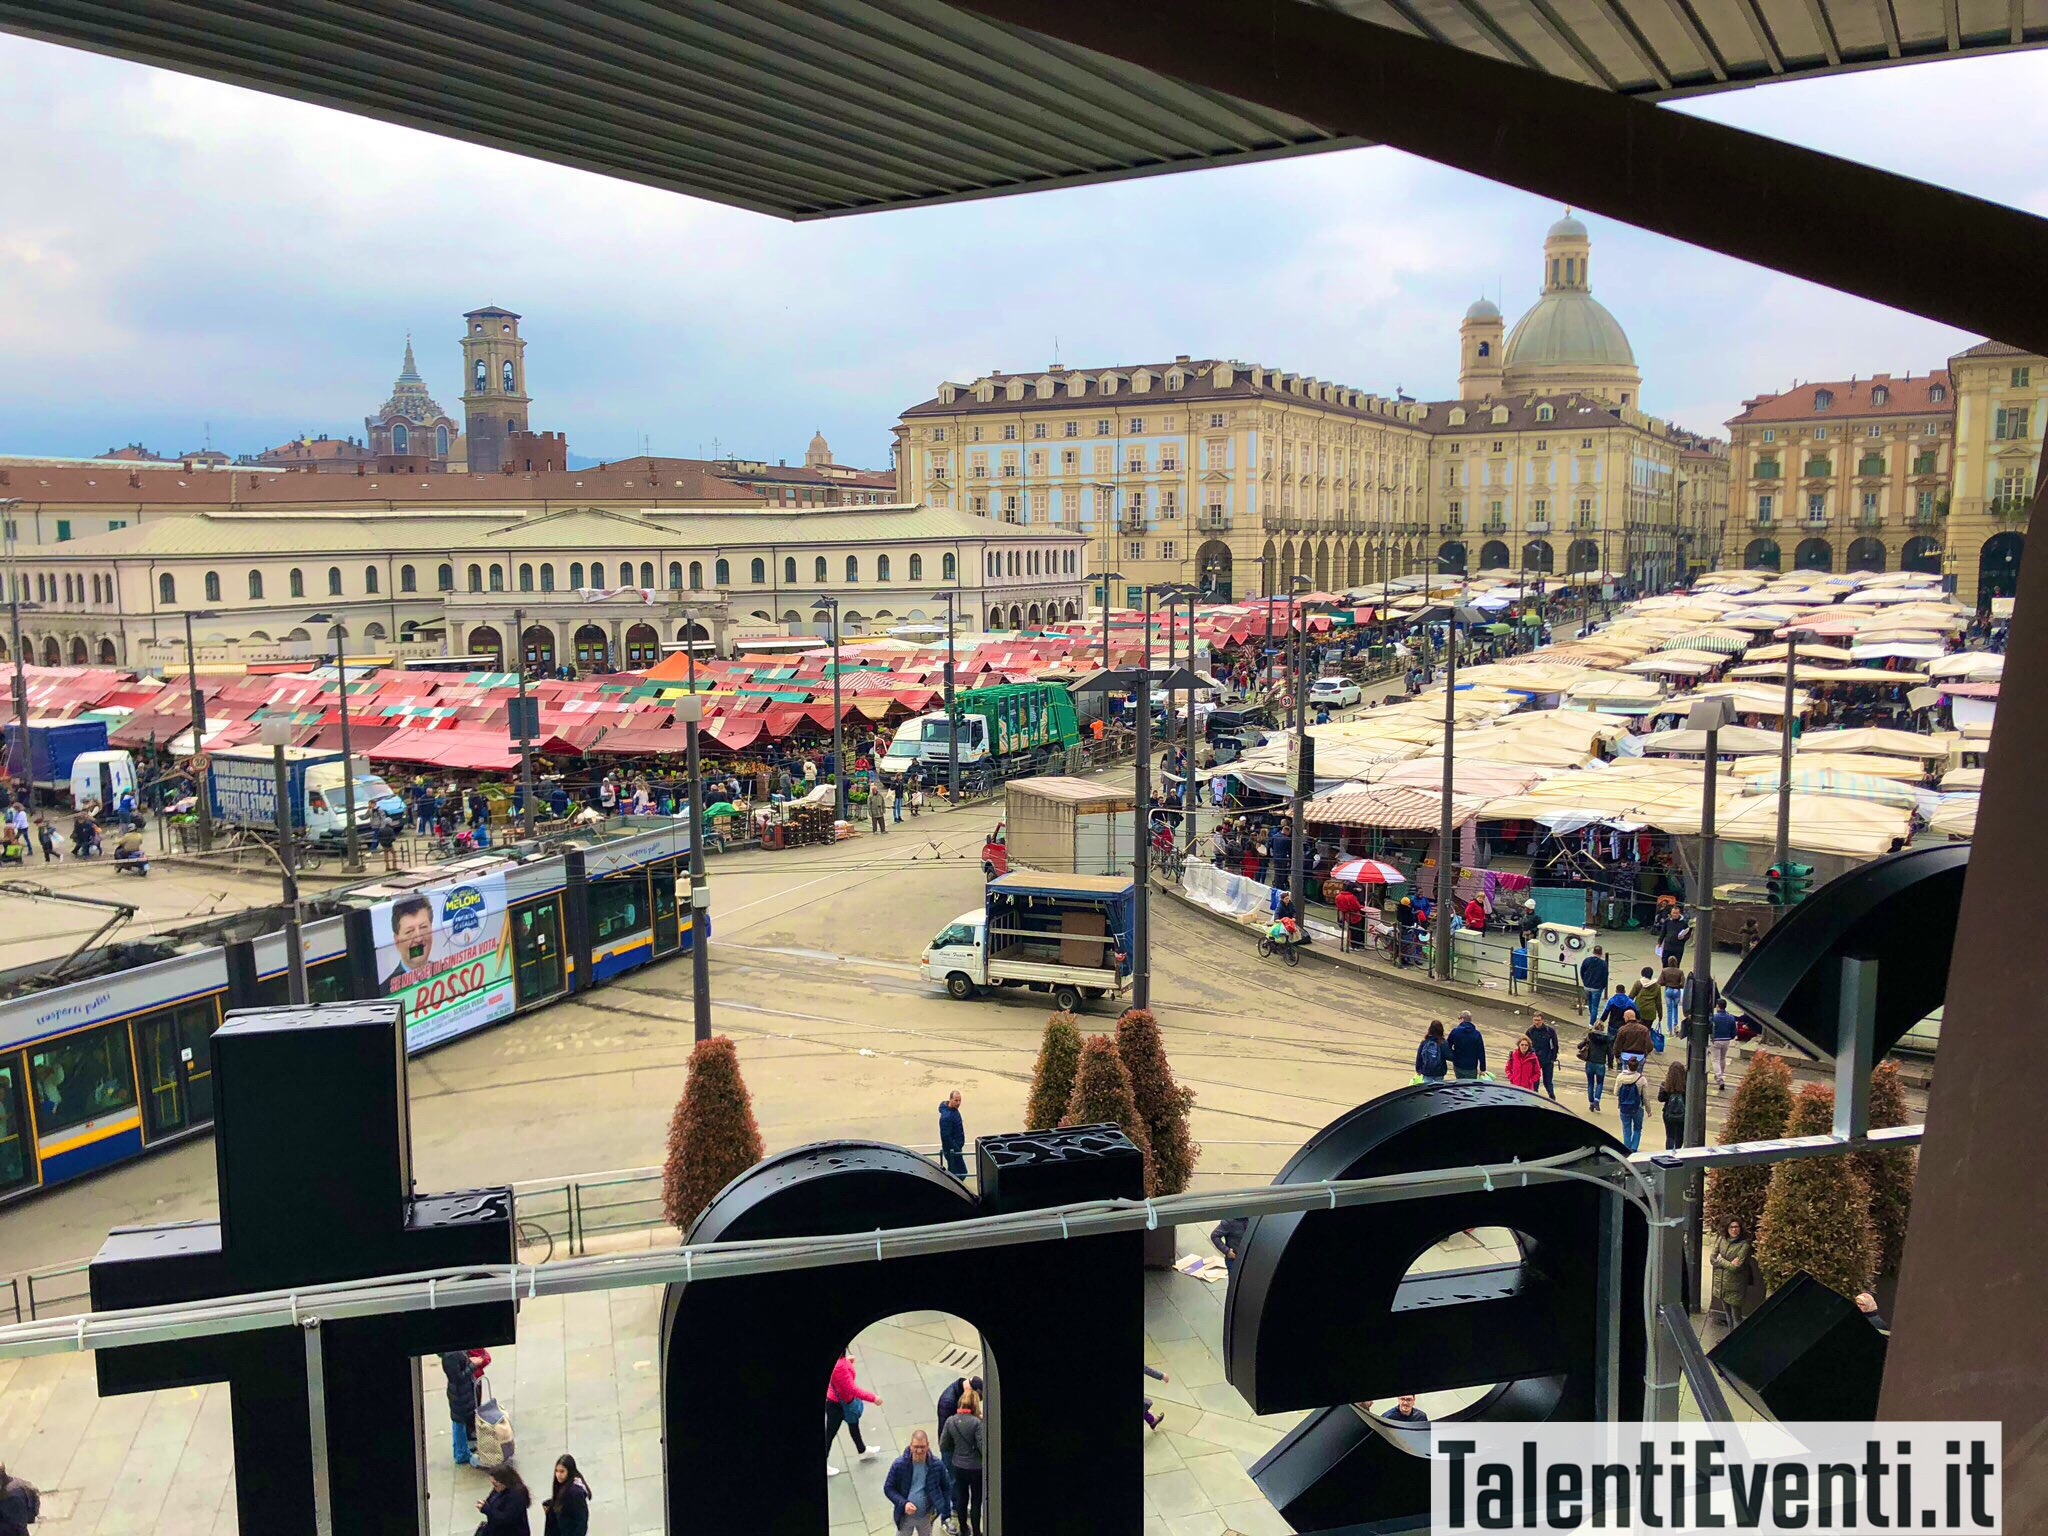 talenti_eventi_mercato_centrale_di_torino_umberto_montano_2